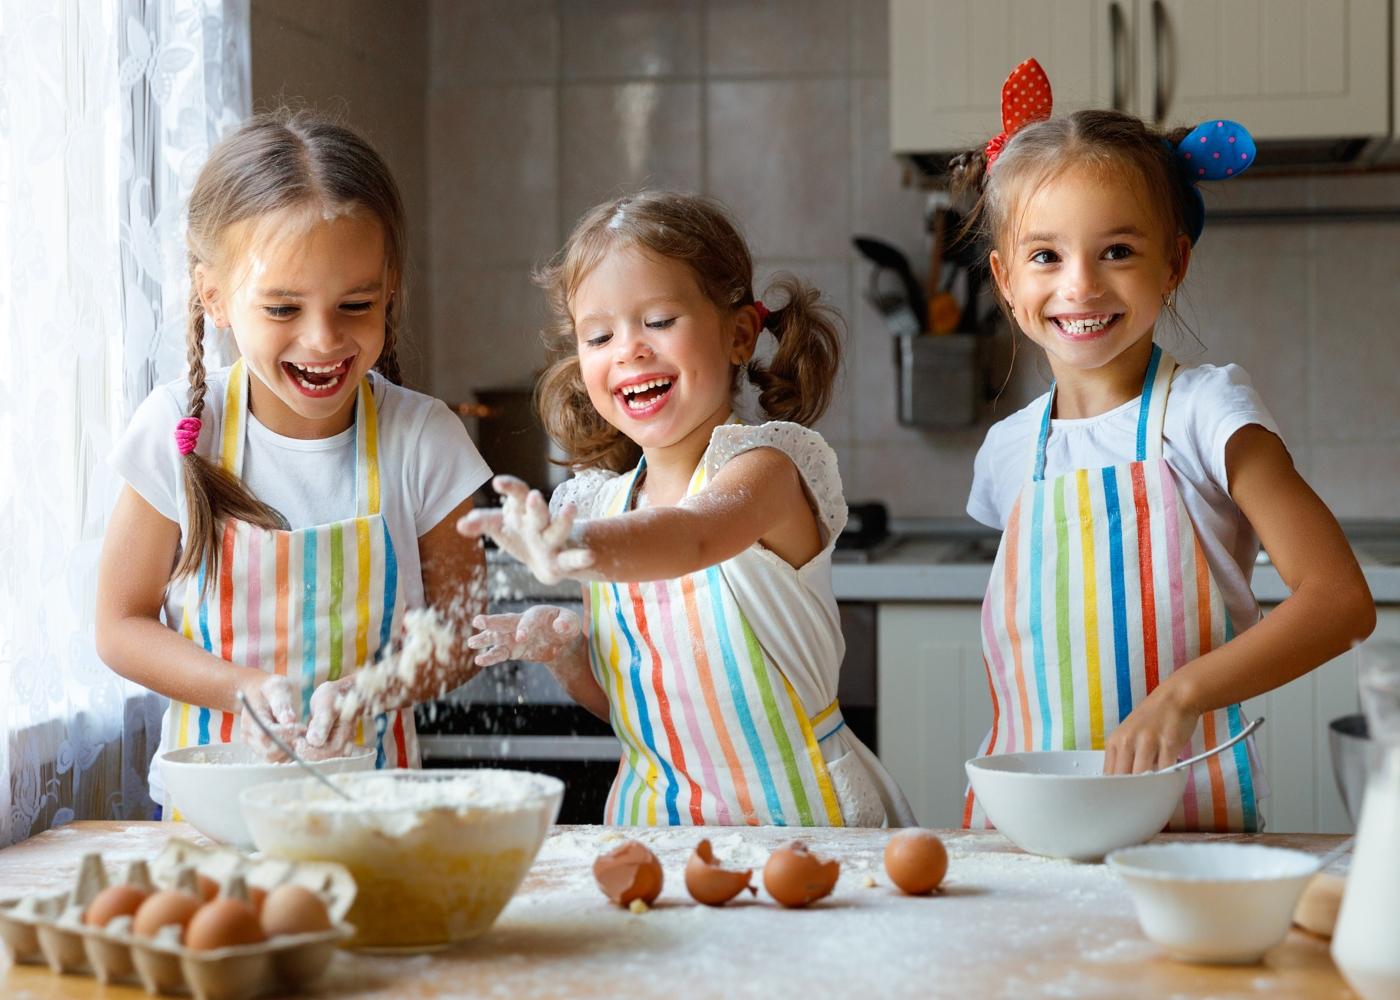 Receitas de bolos saudáveis para fazer com as crianças: meninas a fazer bolo com a mãe